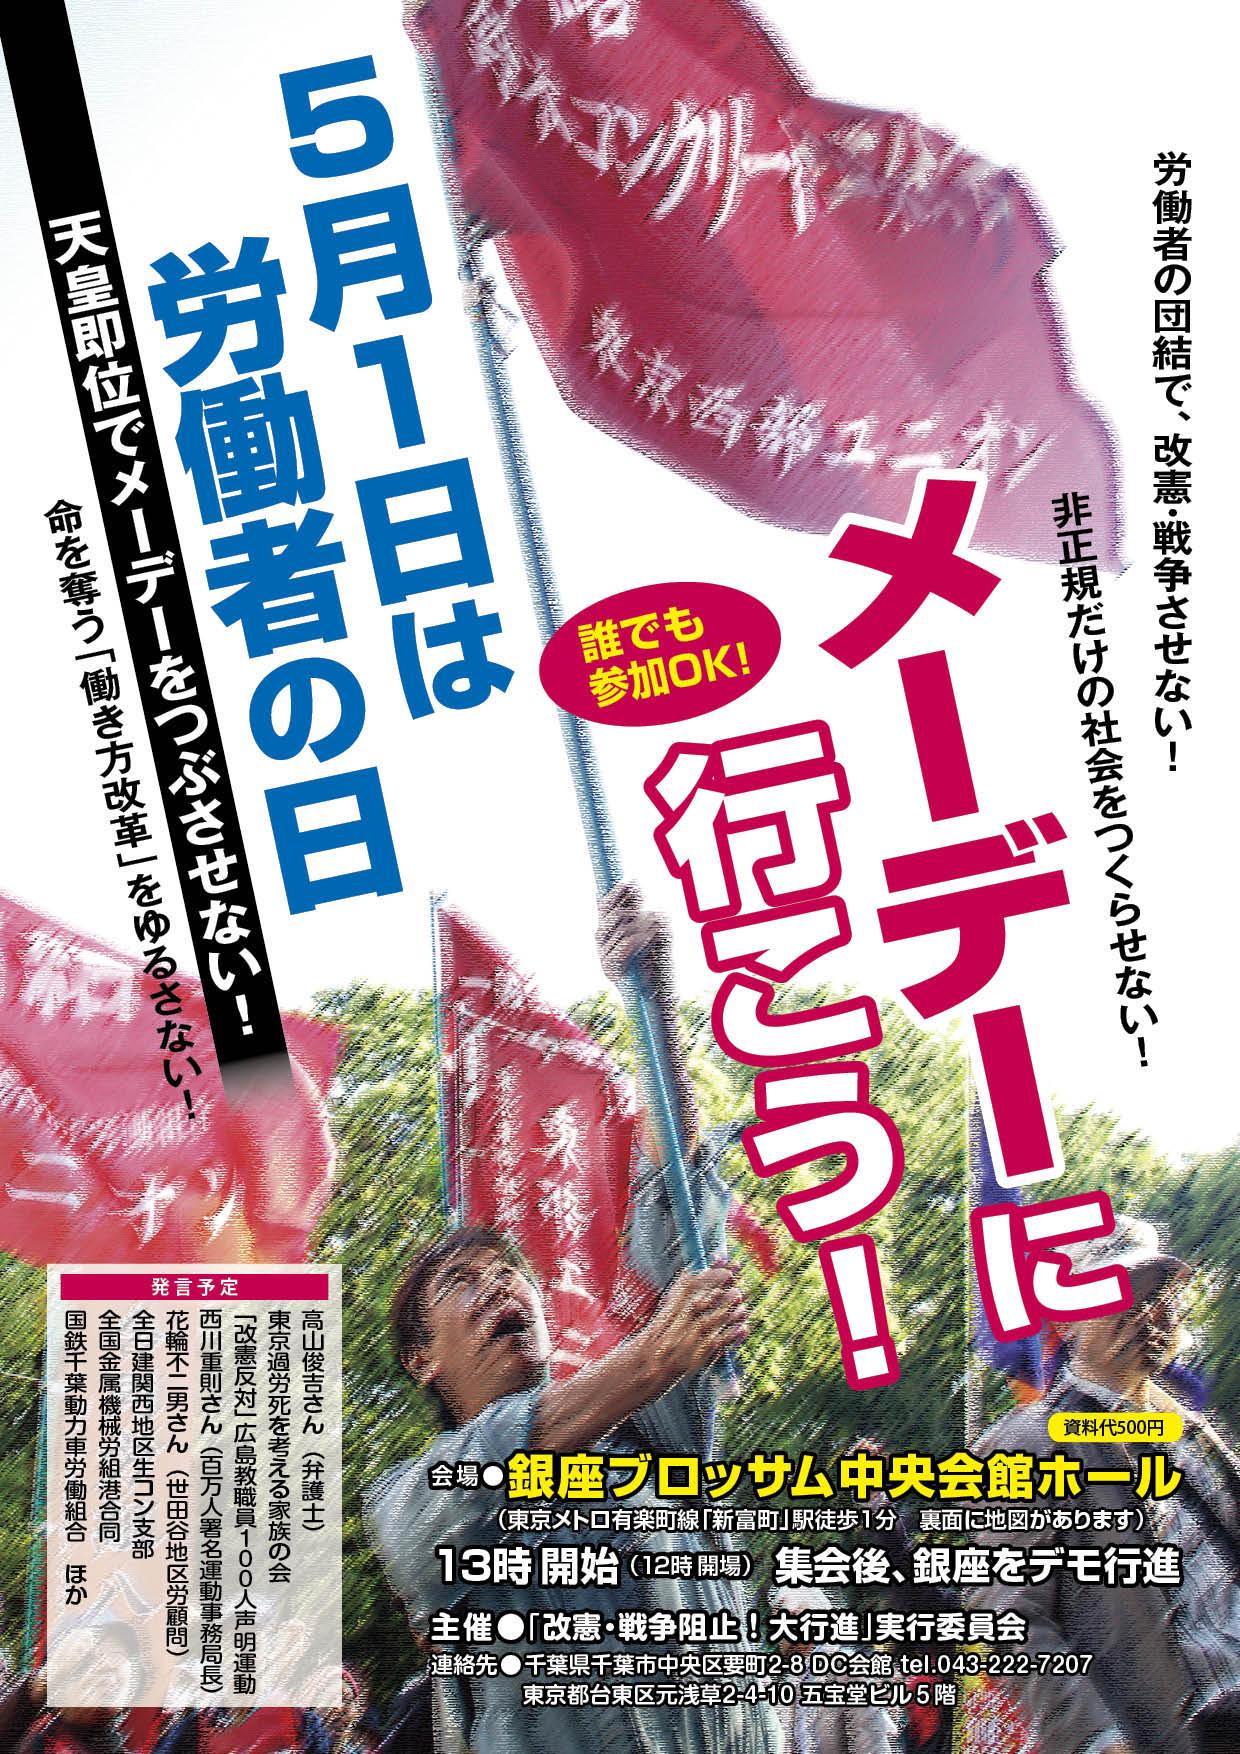 5月1日は労働者の日!メーデーに集まろう!